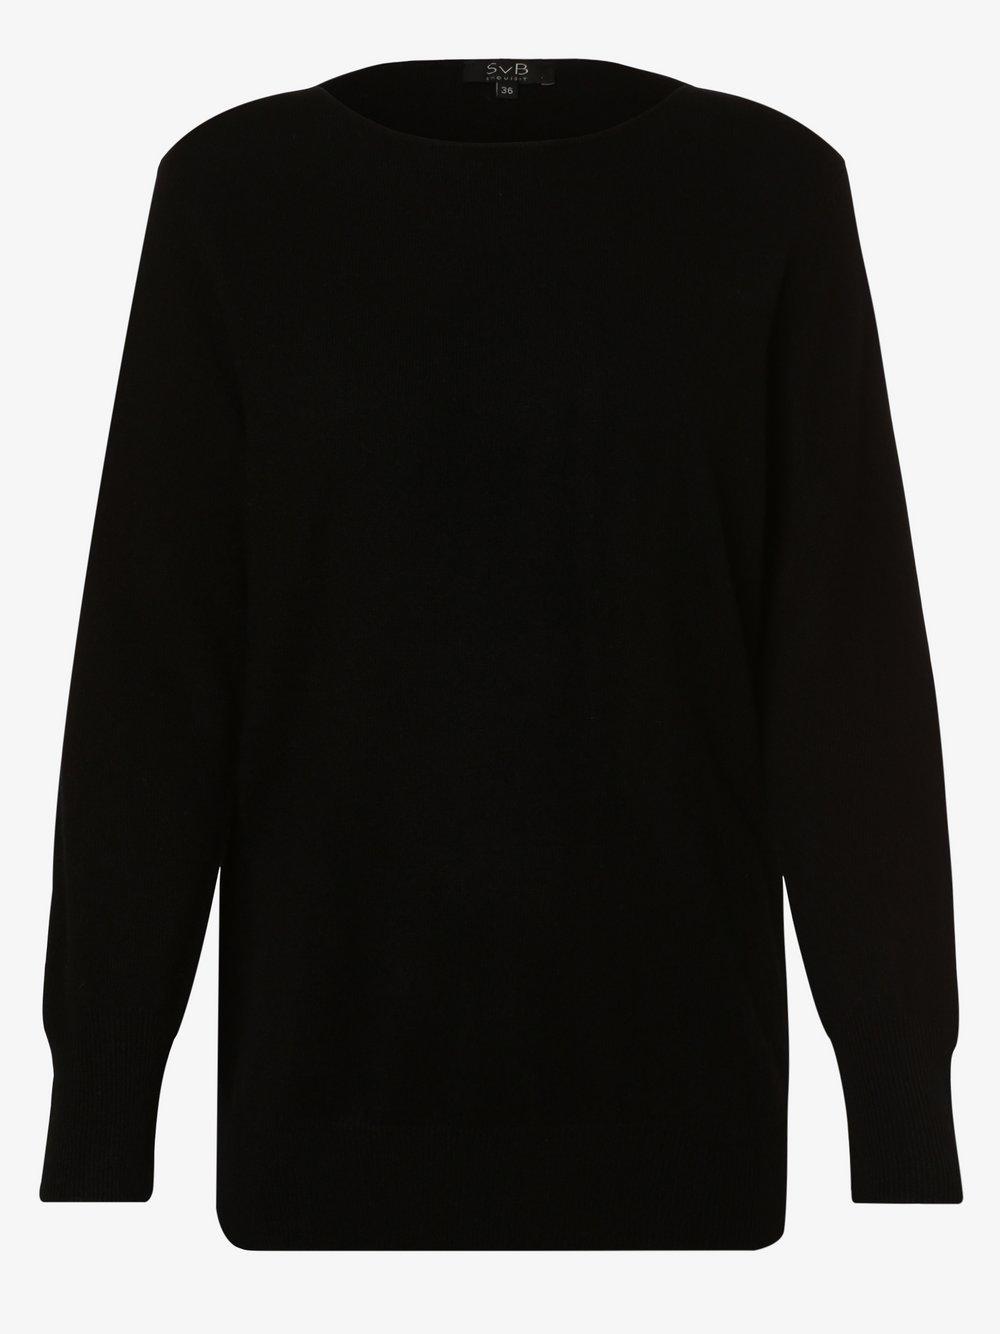 SvB Exquisit – Sweter damski z czystego kaszmiru, czarny Van Graaf 443458-0001-00420